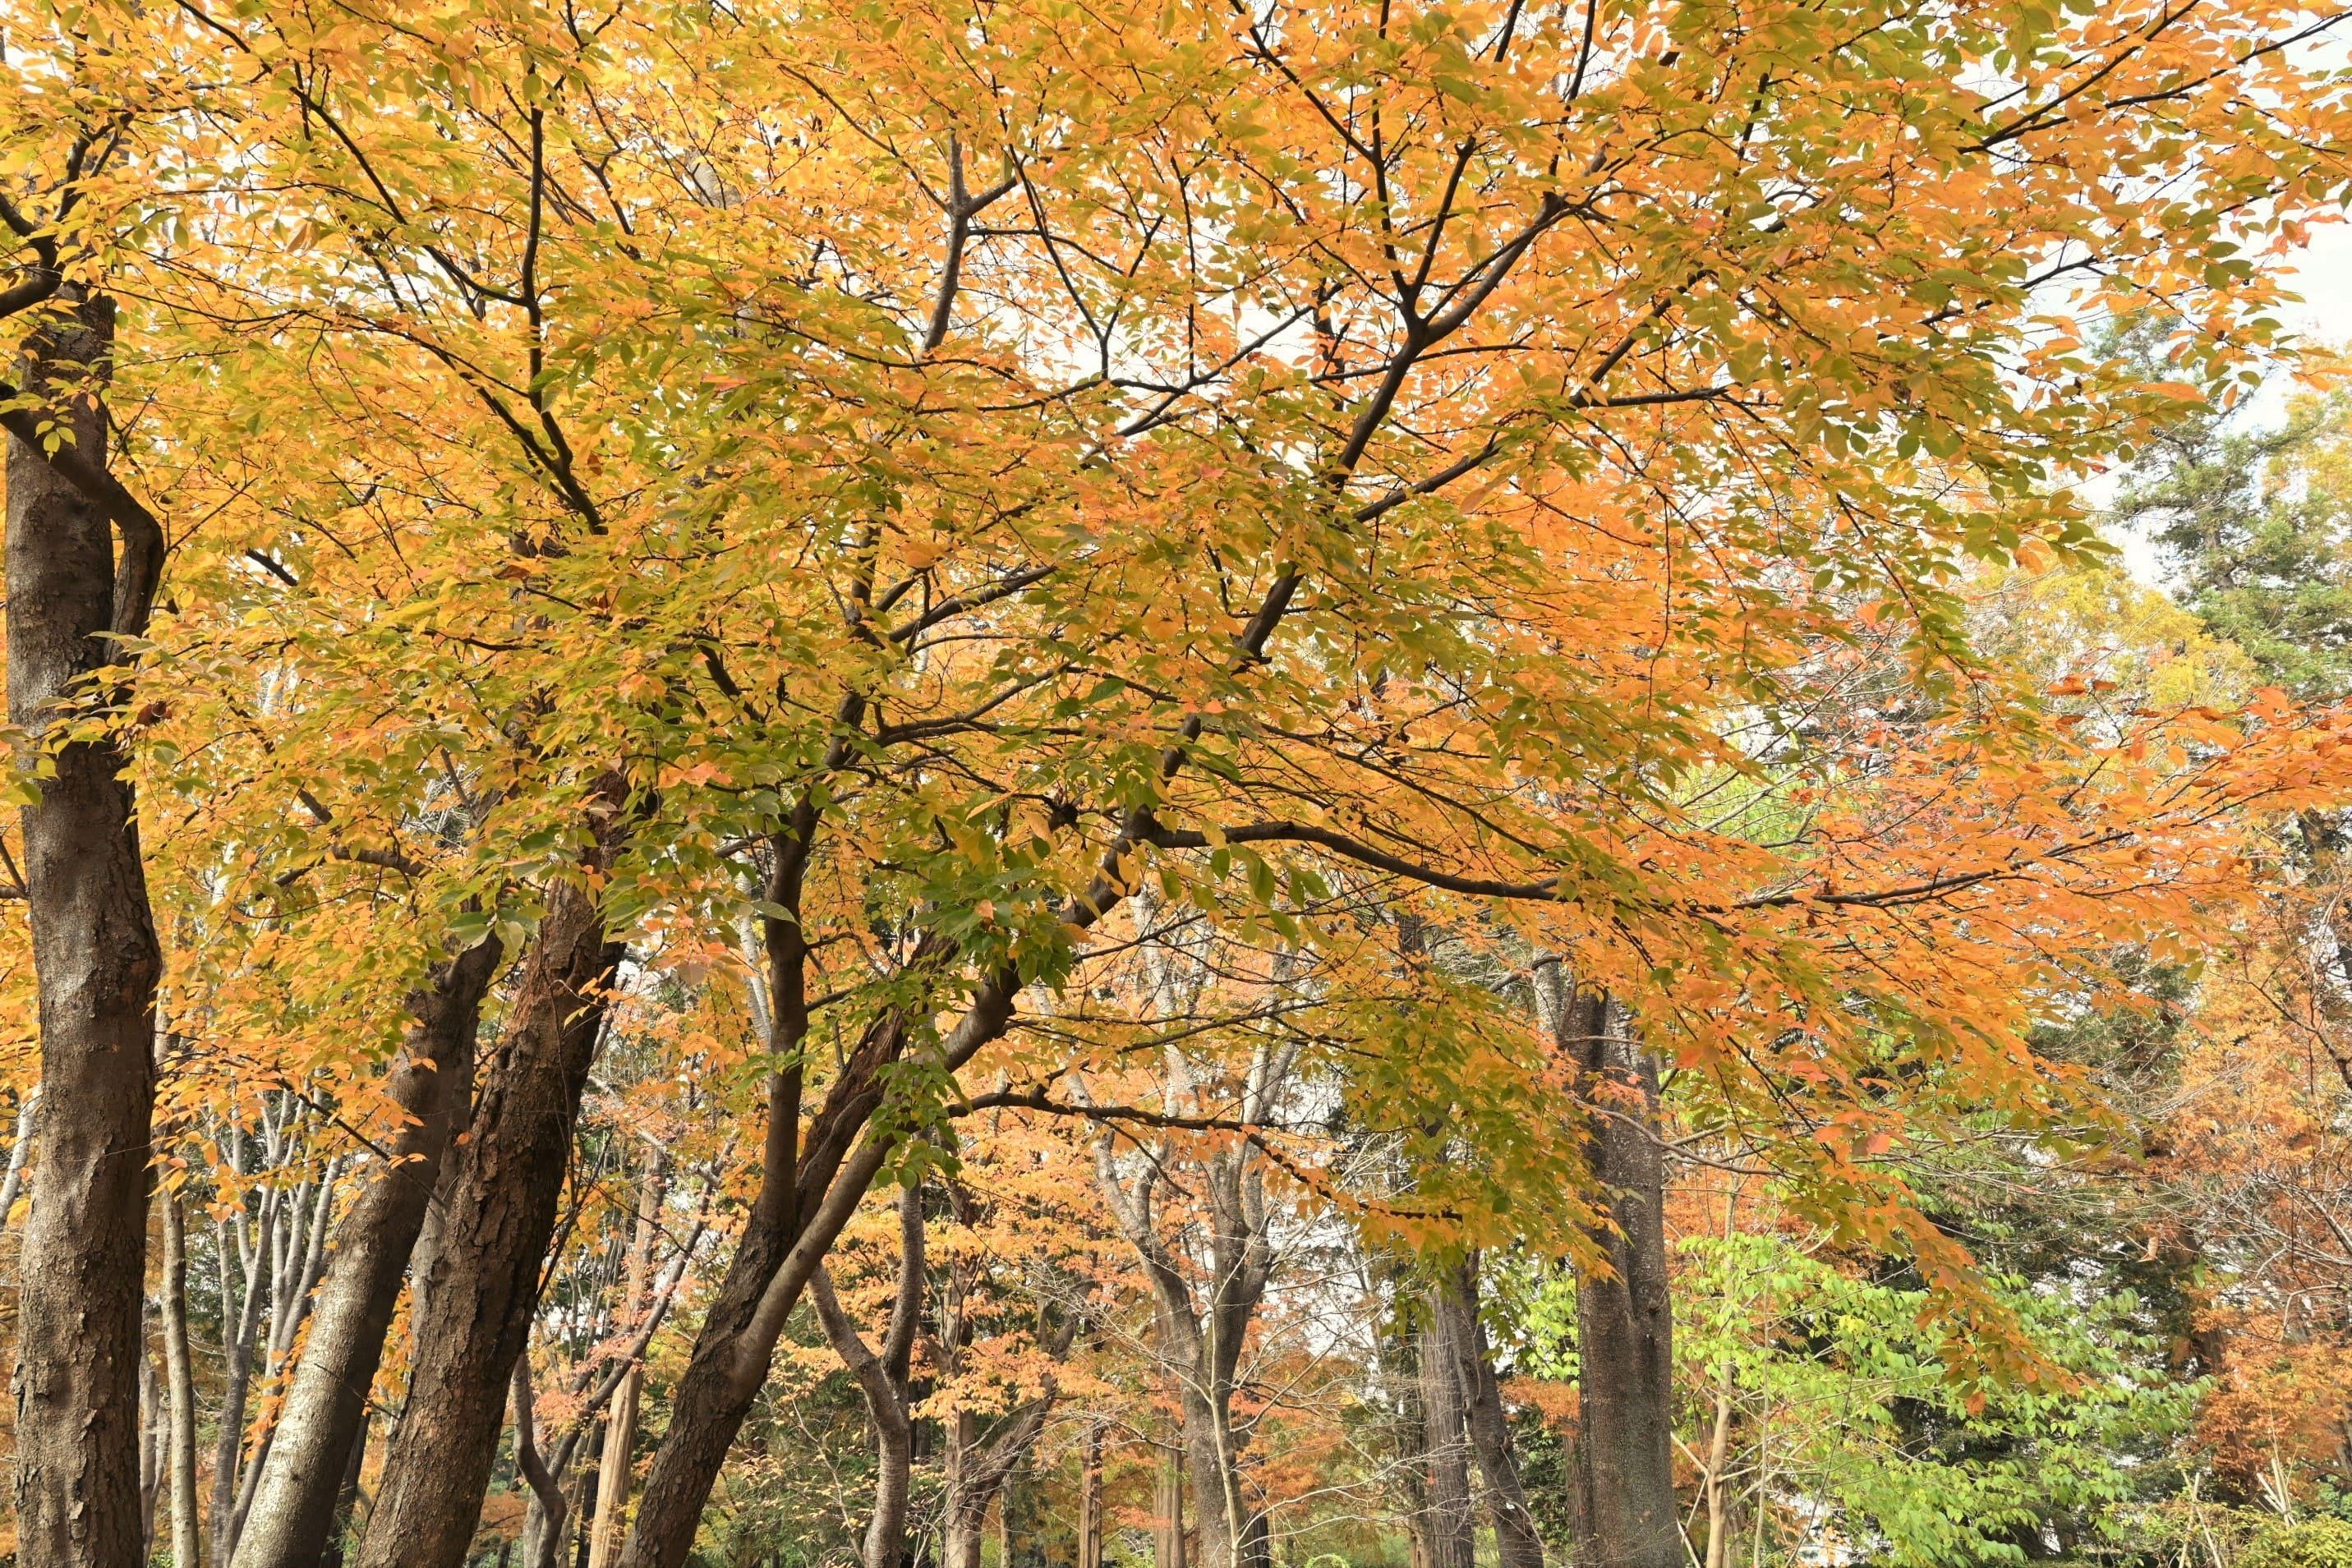 ウワミズザクラ 紅葉 黄葉